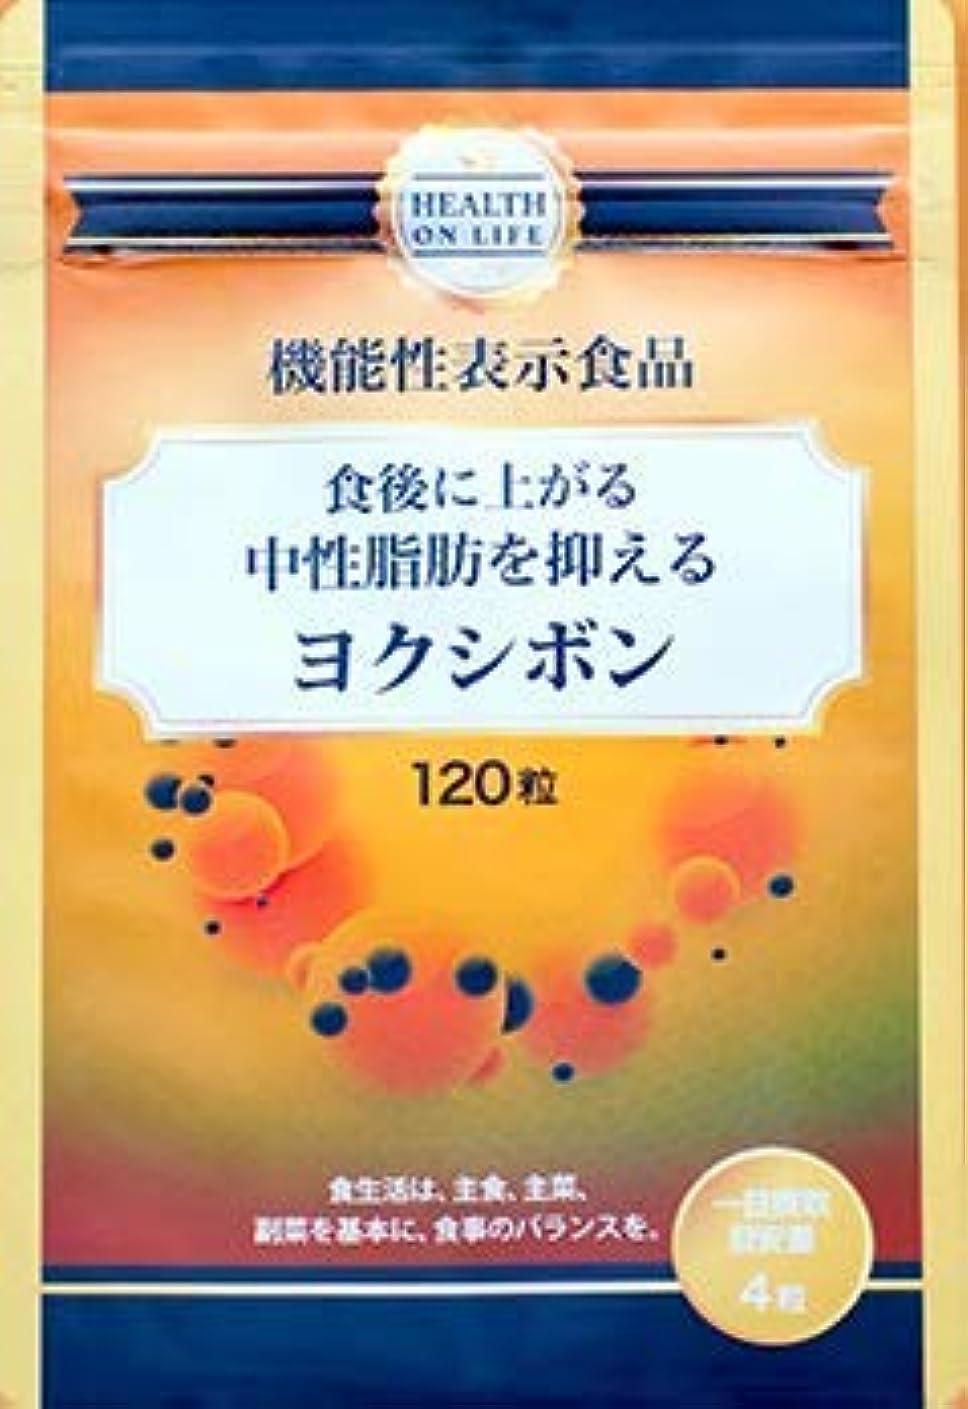 ミシン賞賛する意気揚々食後に上がる中性脂肪を抑える ヨクシボン 120粒